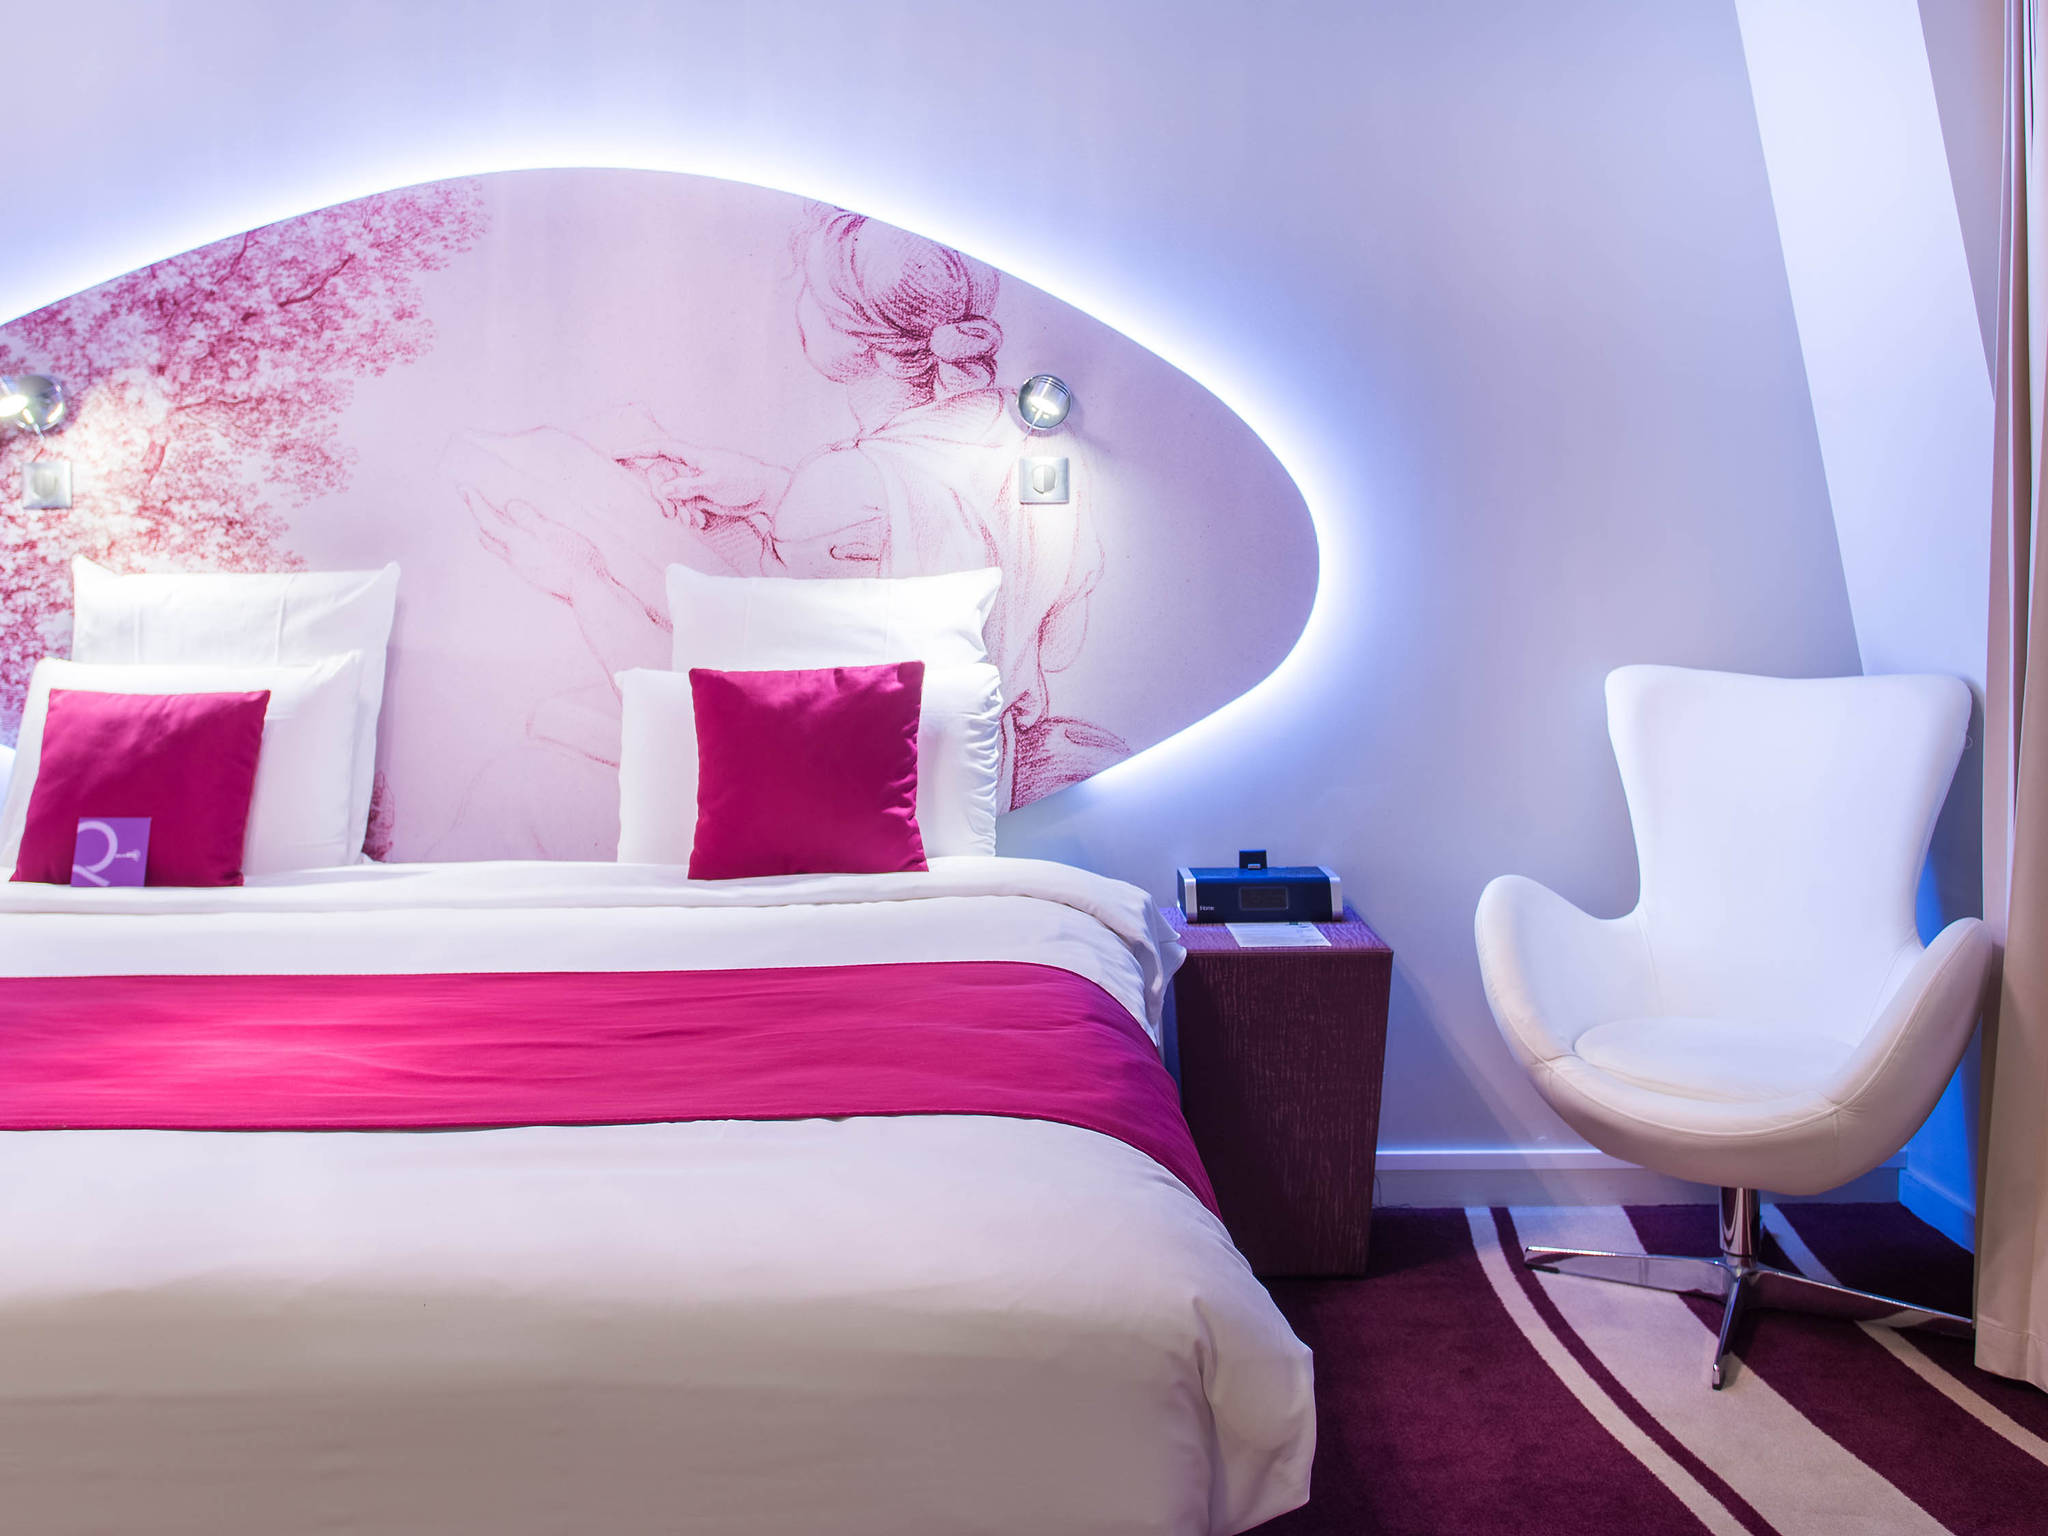 โรงแรม – โรงแรมเมอร์เคียวปารีส บาสติลล์ มาเร่ส์